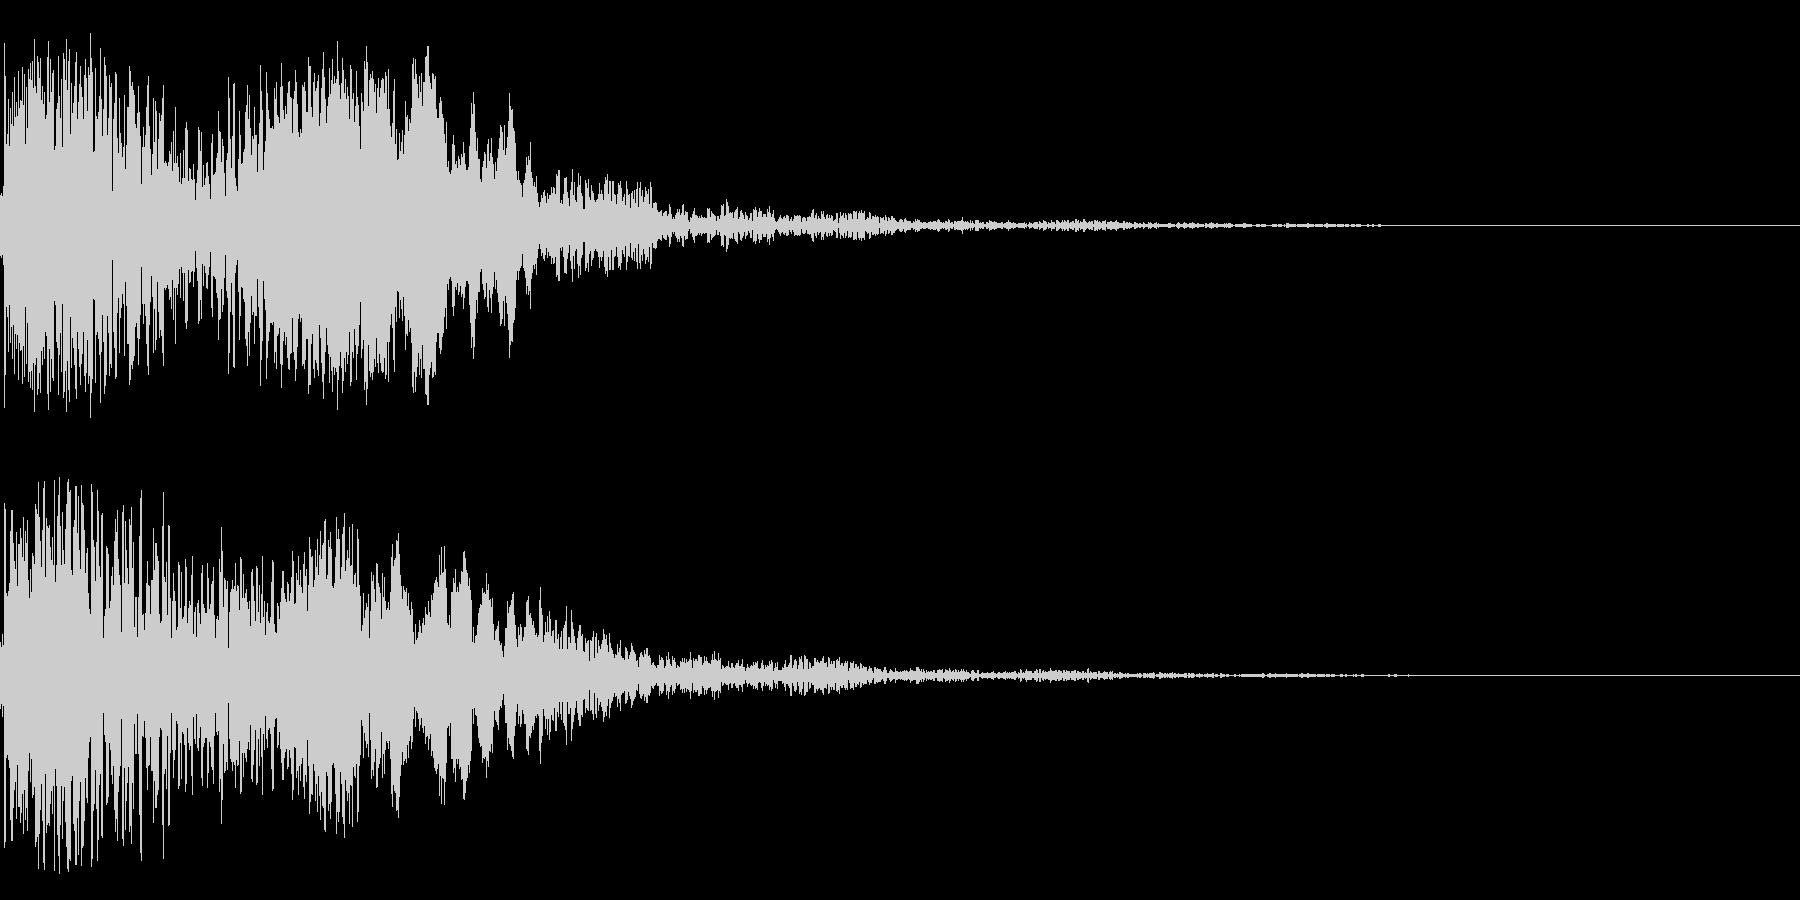 太鼓と尺八の和風インパクトジングル!11の未再生の波形